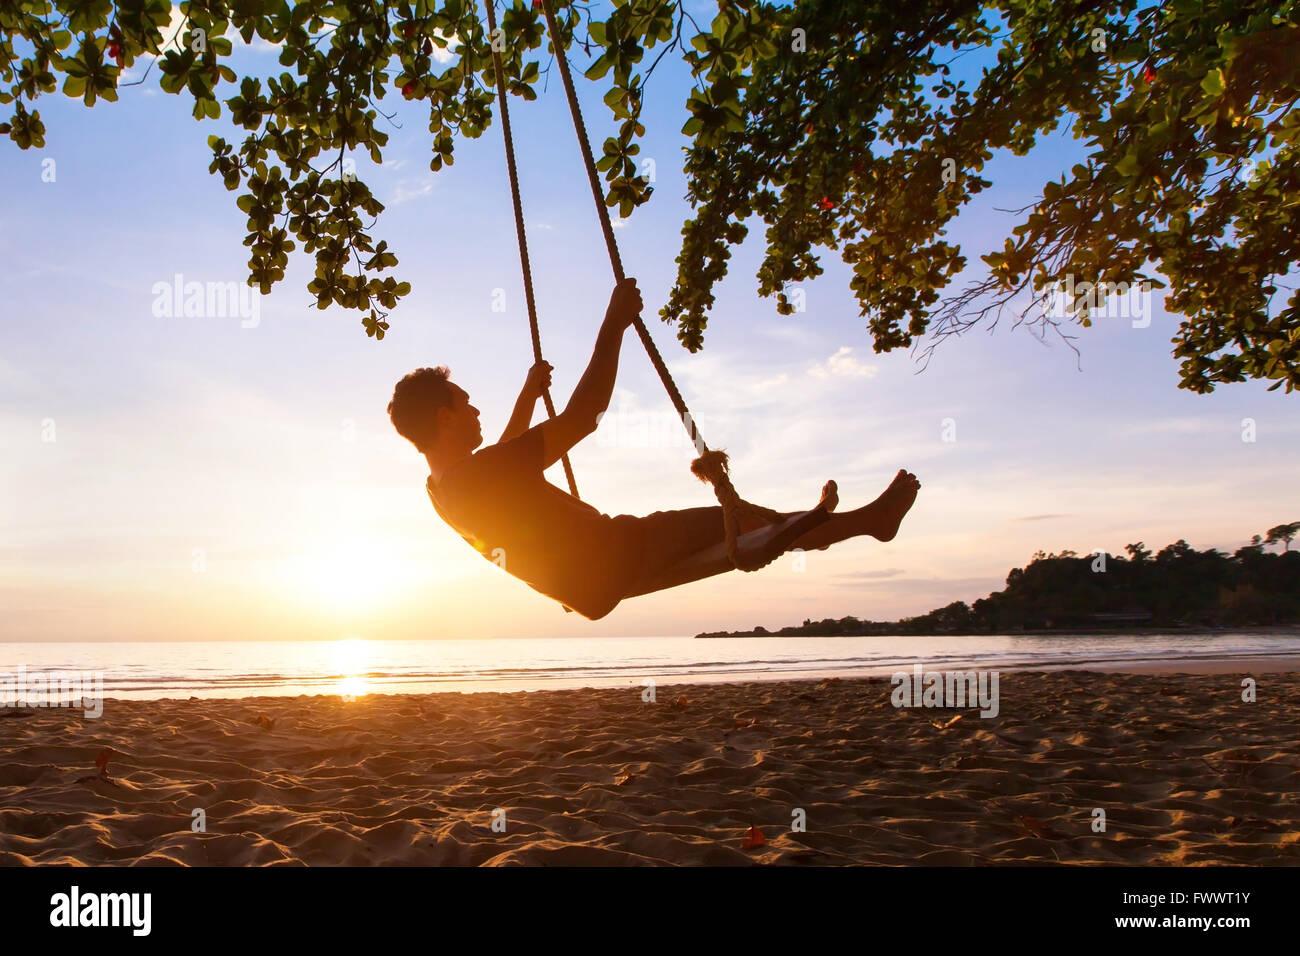 Swing sur paradise tropical plage au coucher du soleil, heureux les personnes bénéficiant de l'été Photo Stock